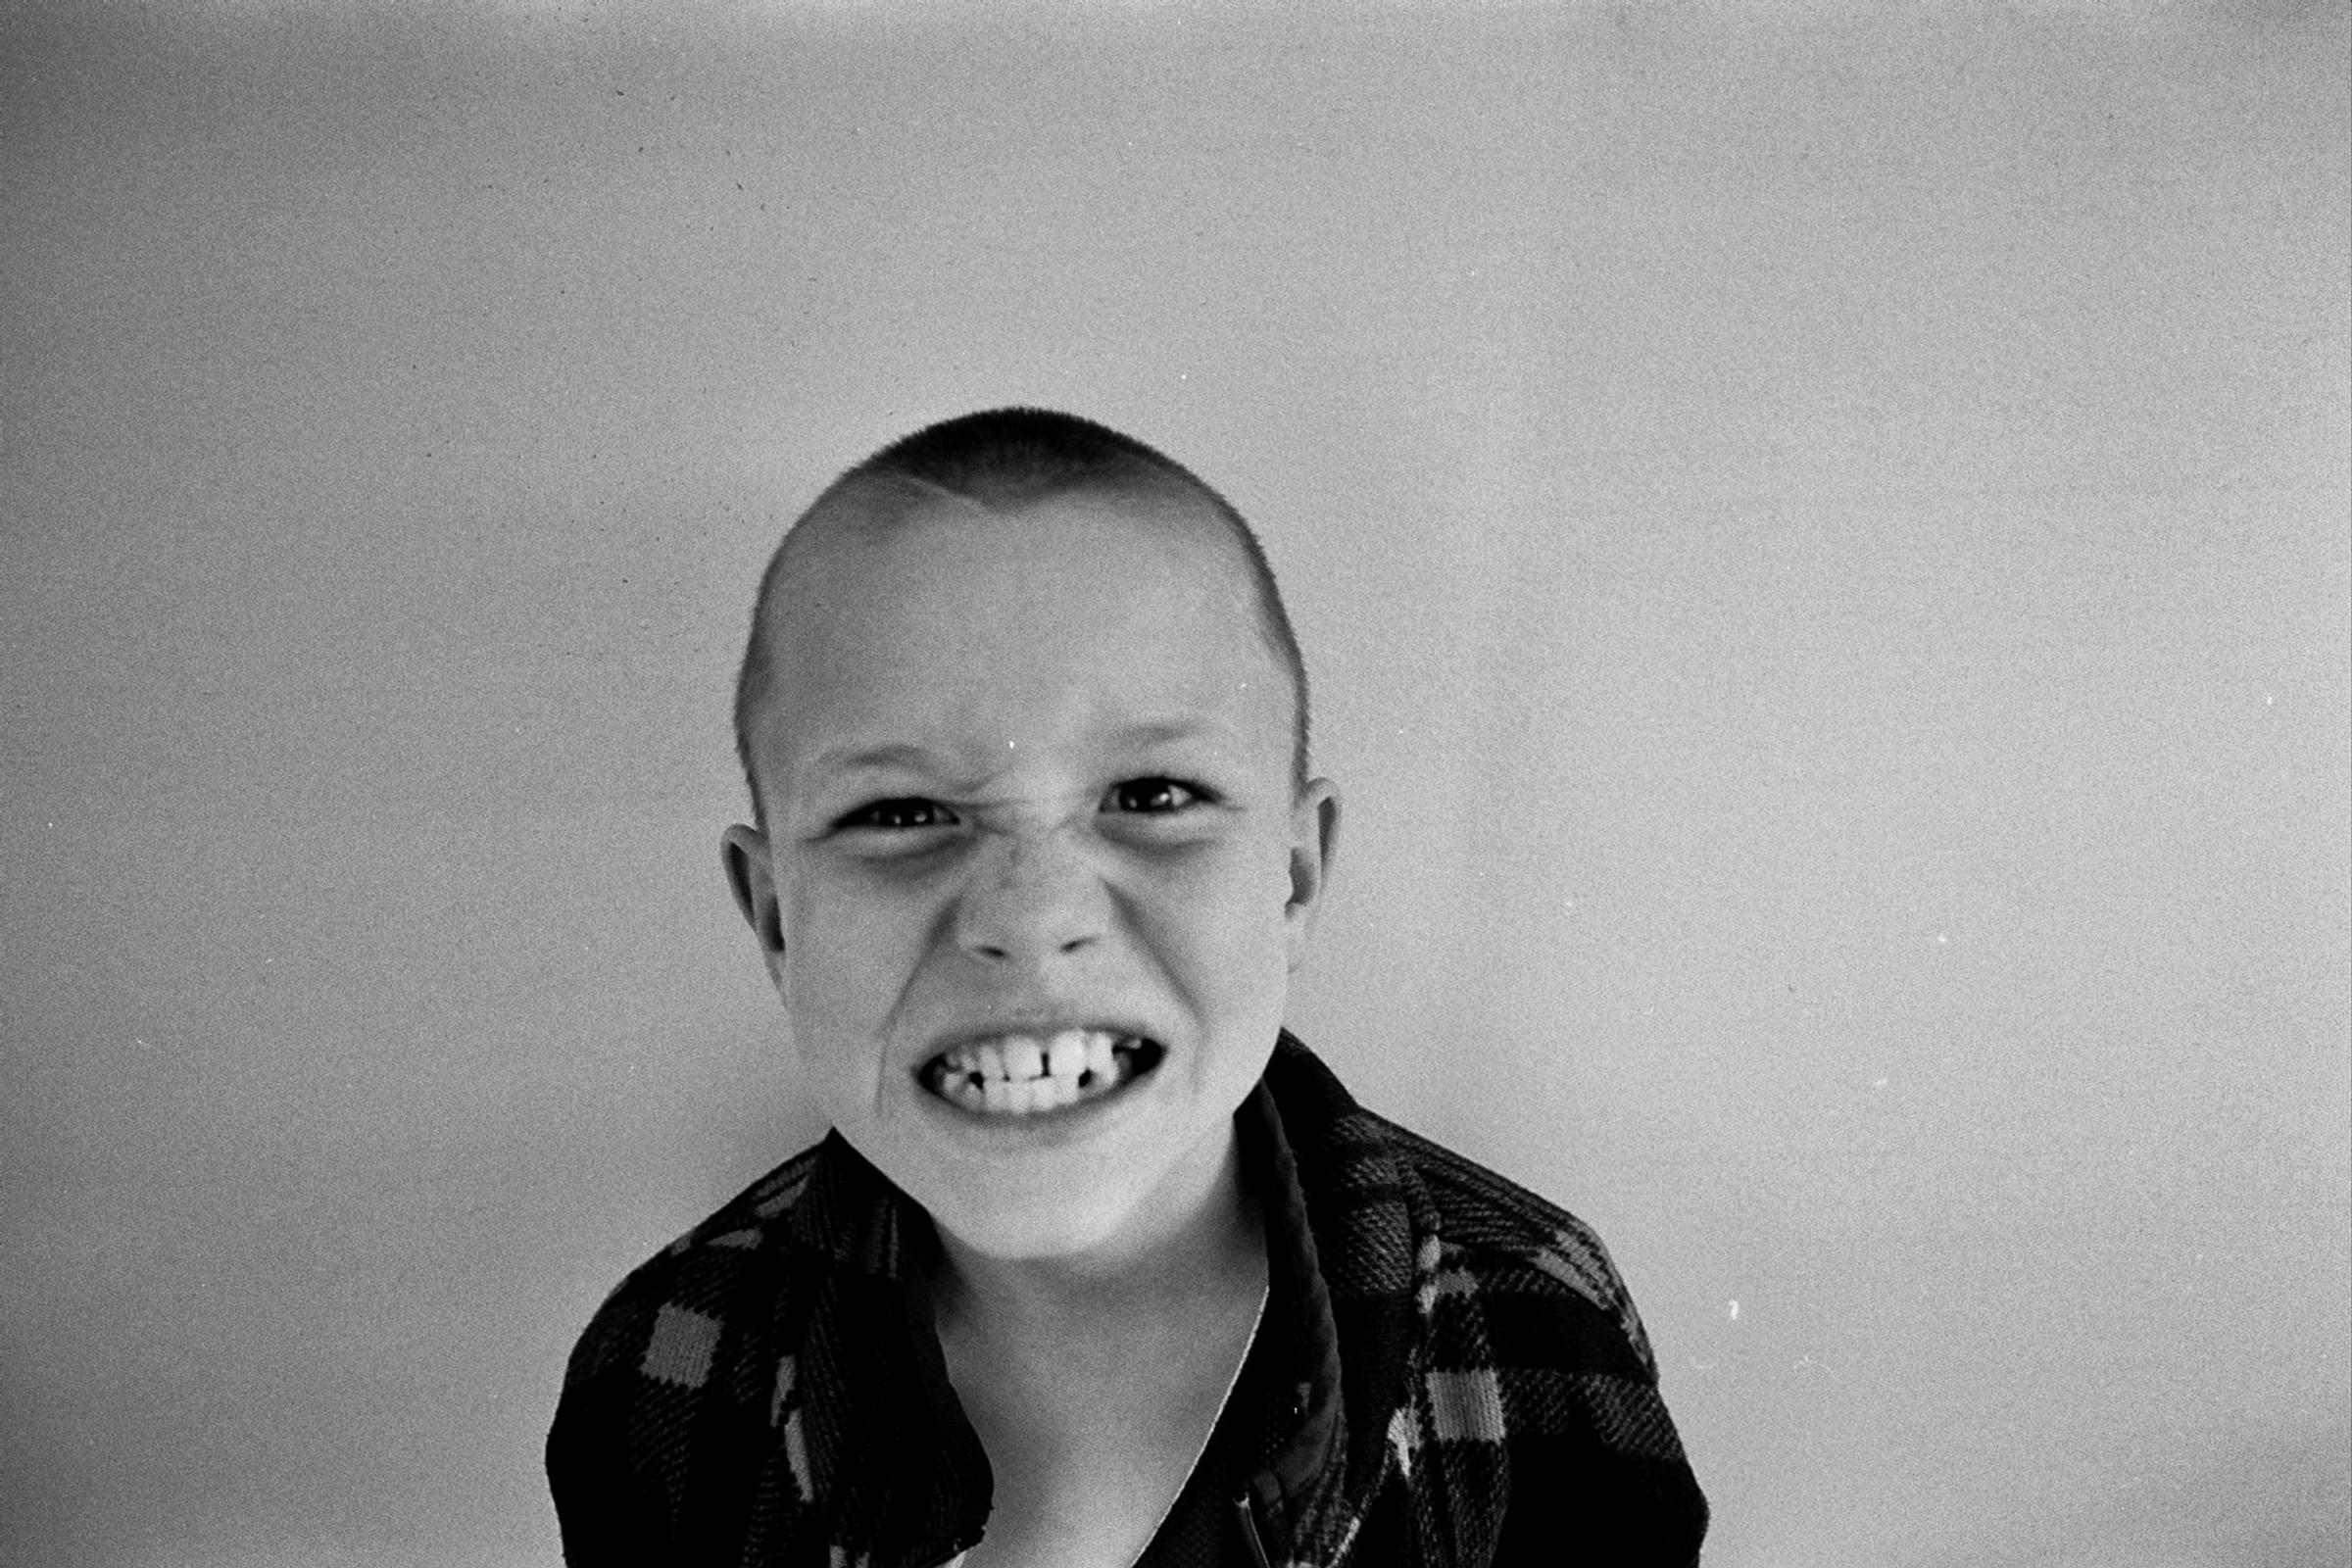 Film photography portrait